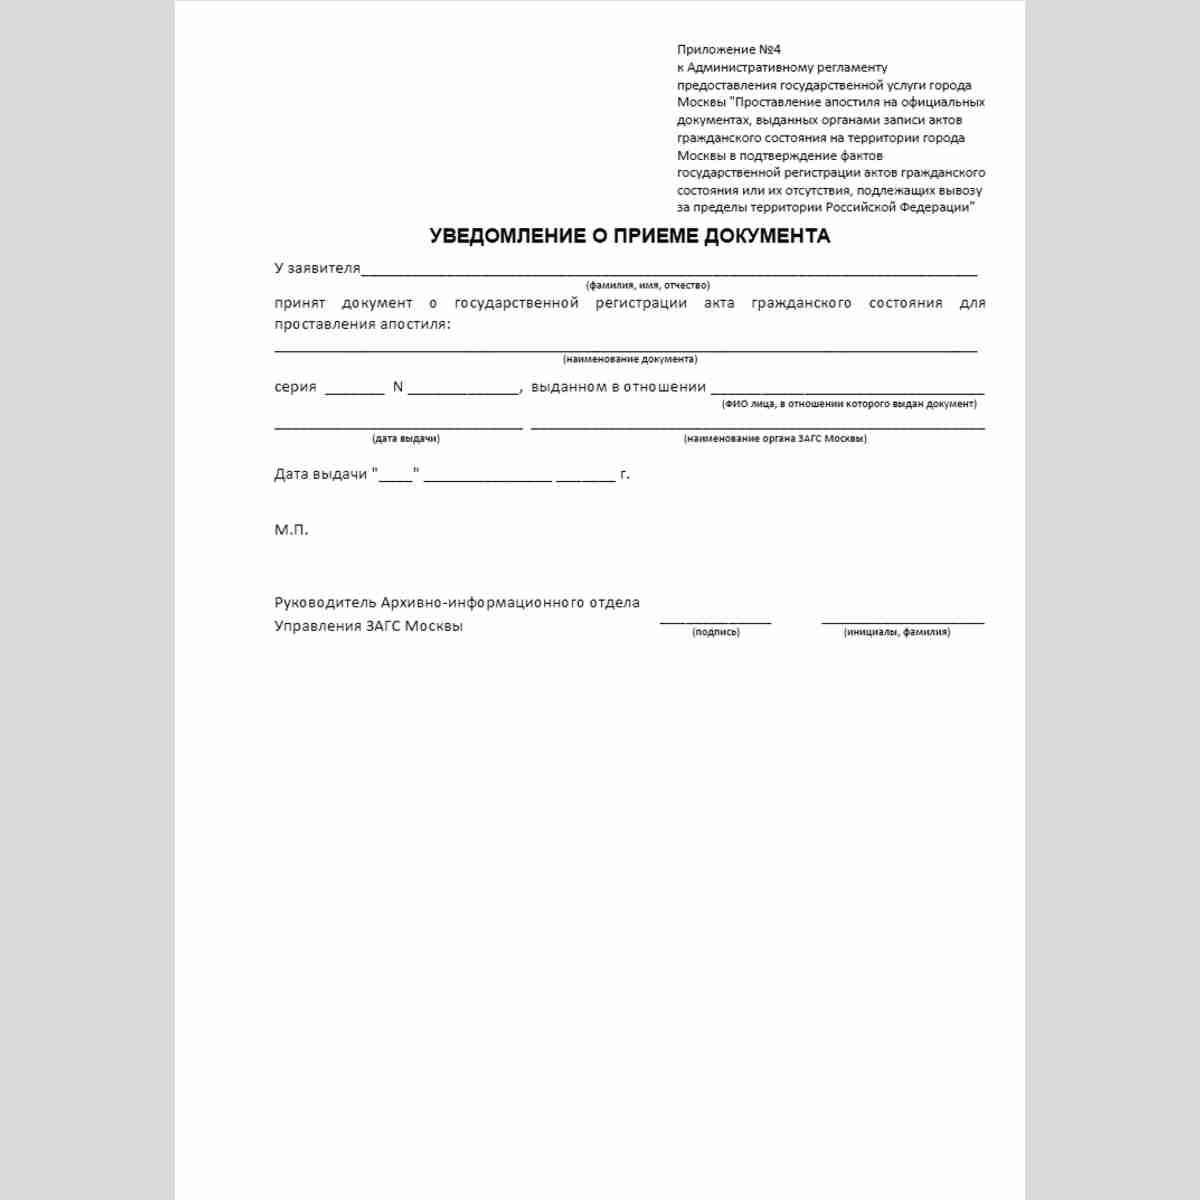 """Форма """"Уведомление о приеме документа о государственной регистрации акта гражданского состояния для проставления апостиля"""""""